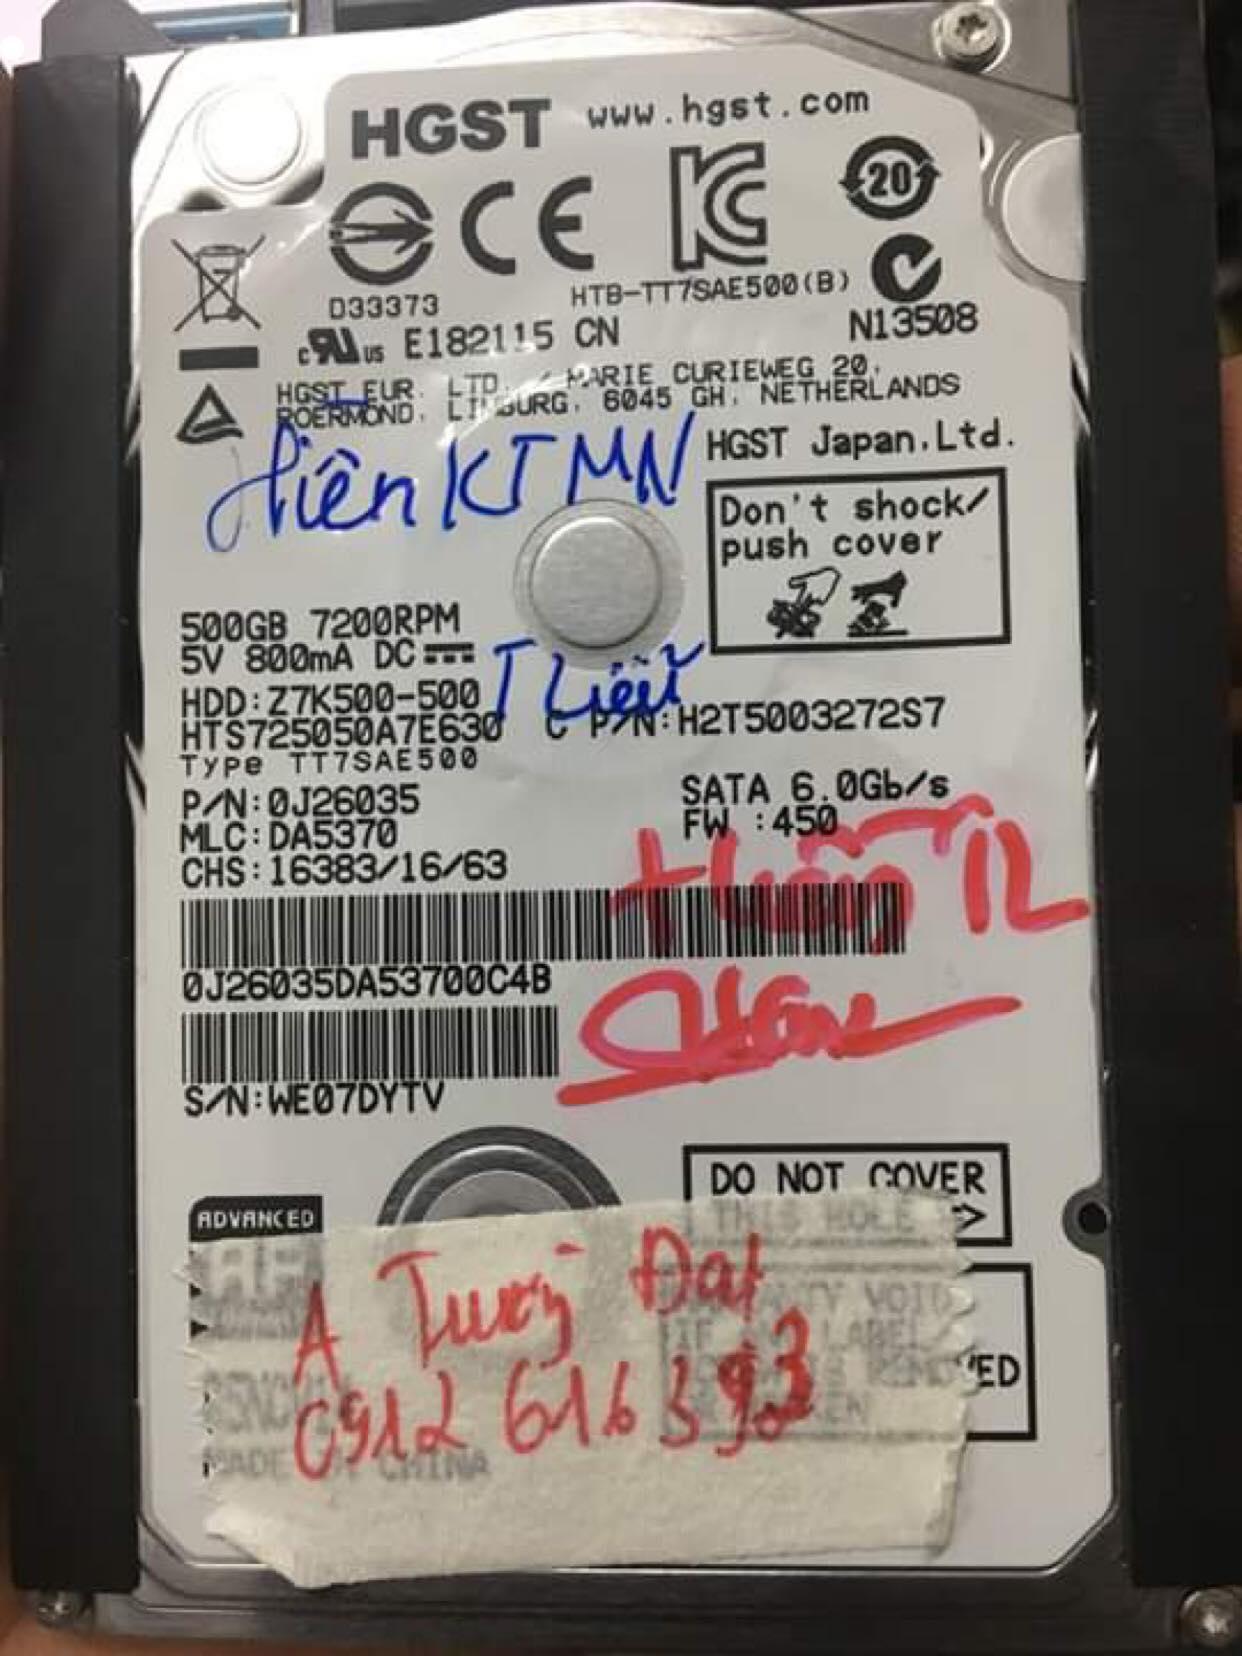 Cứu dữ liệu ổ cứng Fujitsu 120GB không nhận 06/06/2019 - cuumaytinh